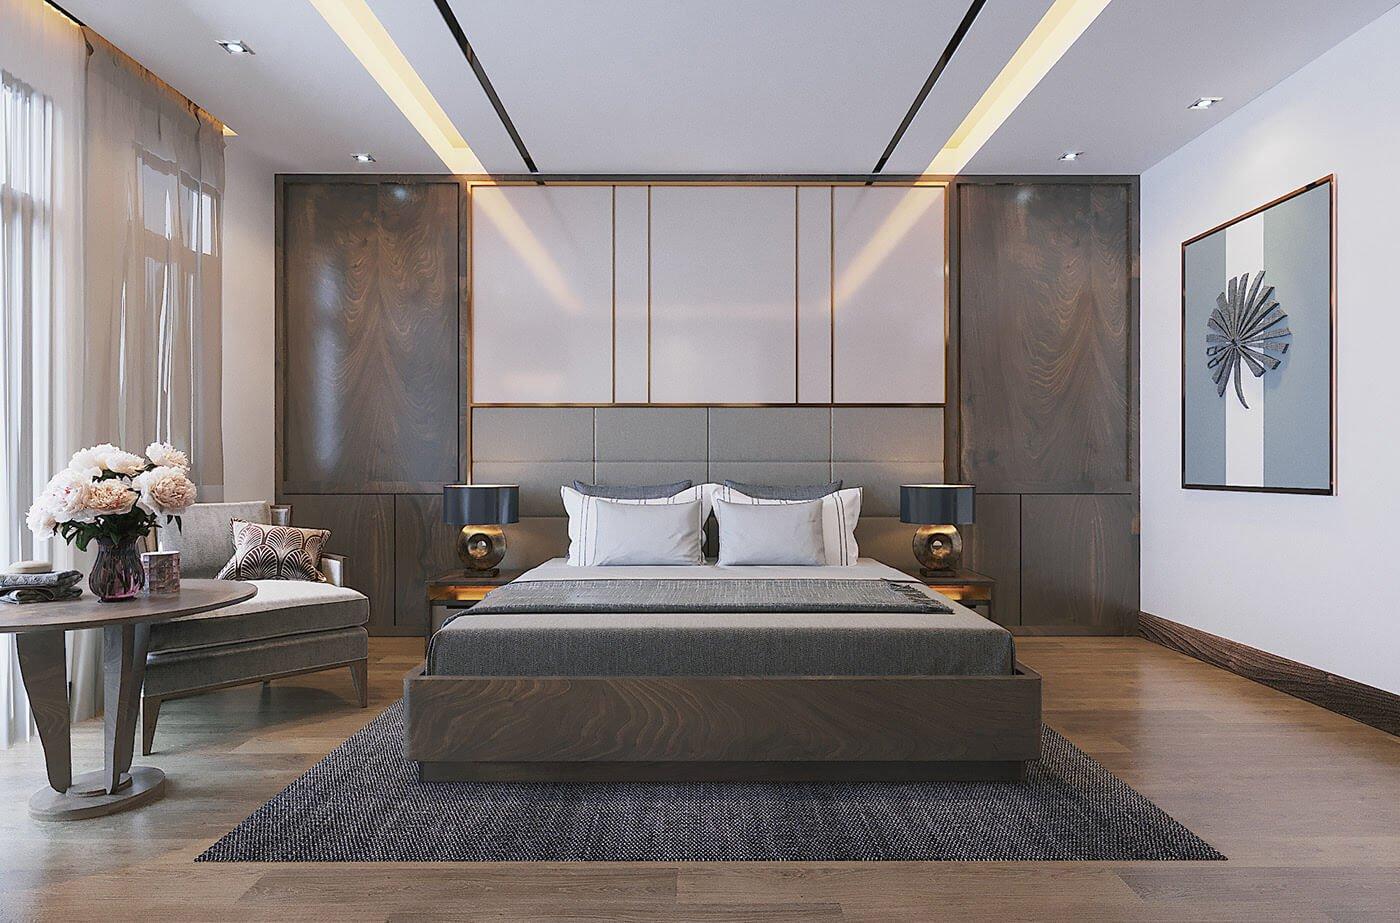 biệt thự 2 tầng 9x14m phòng ngủ